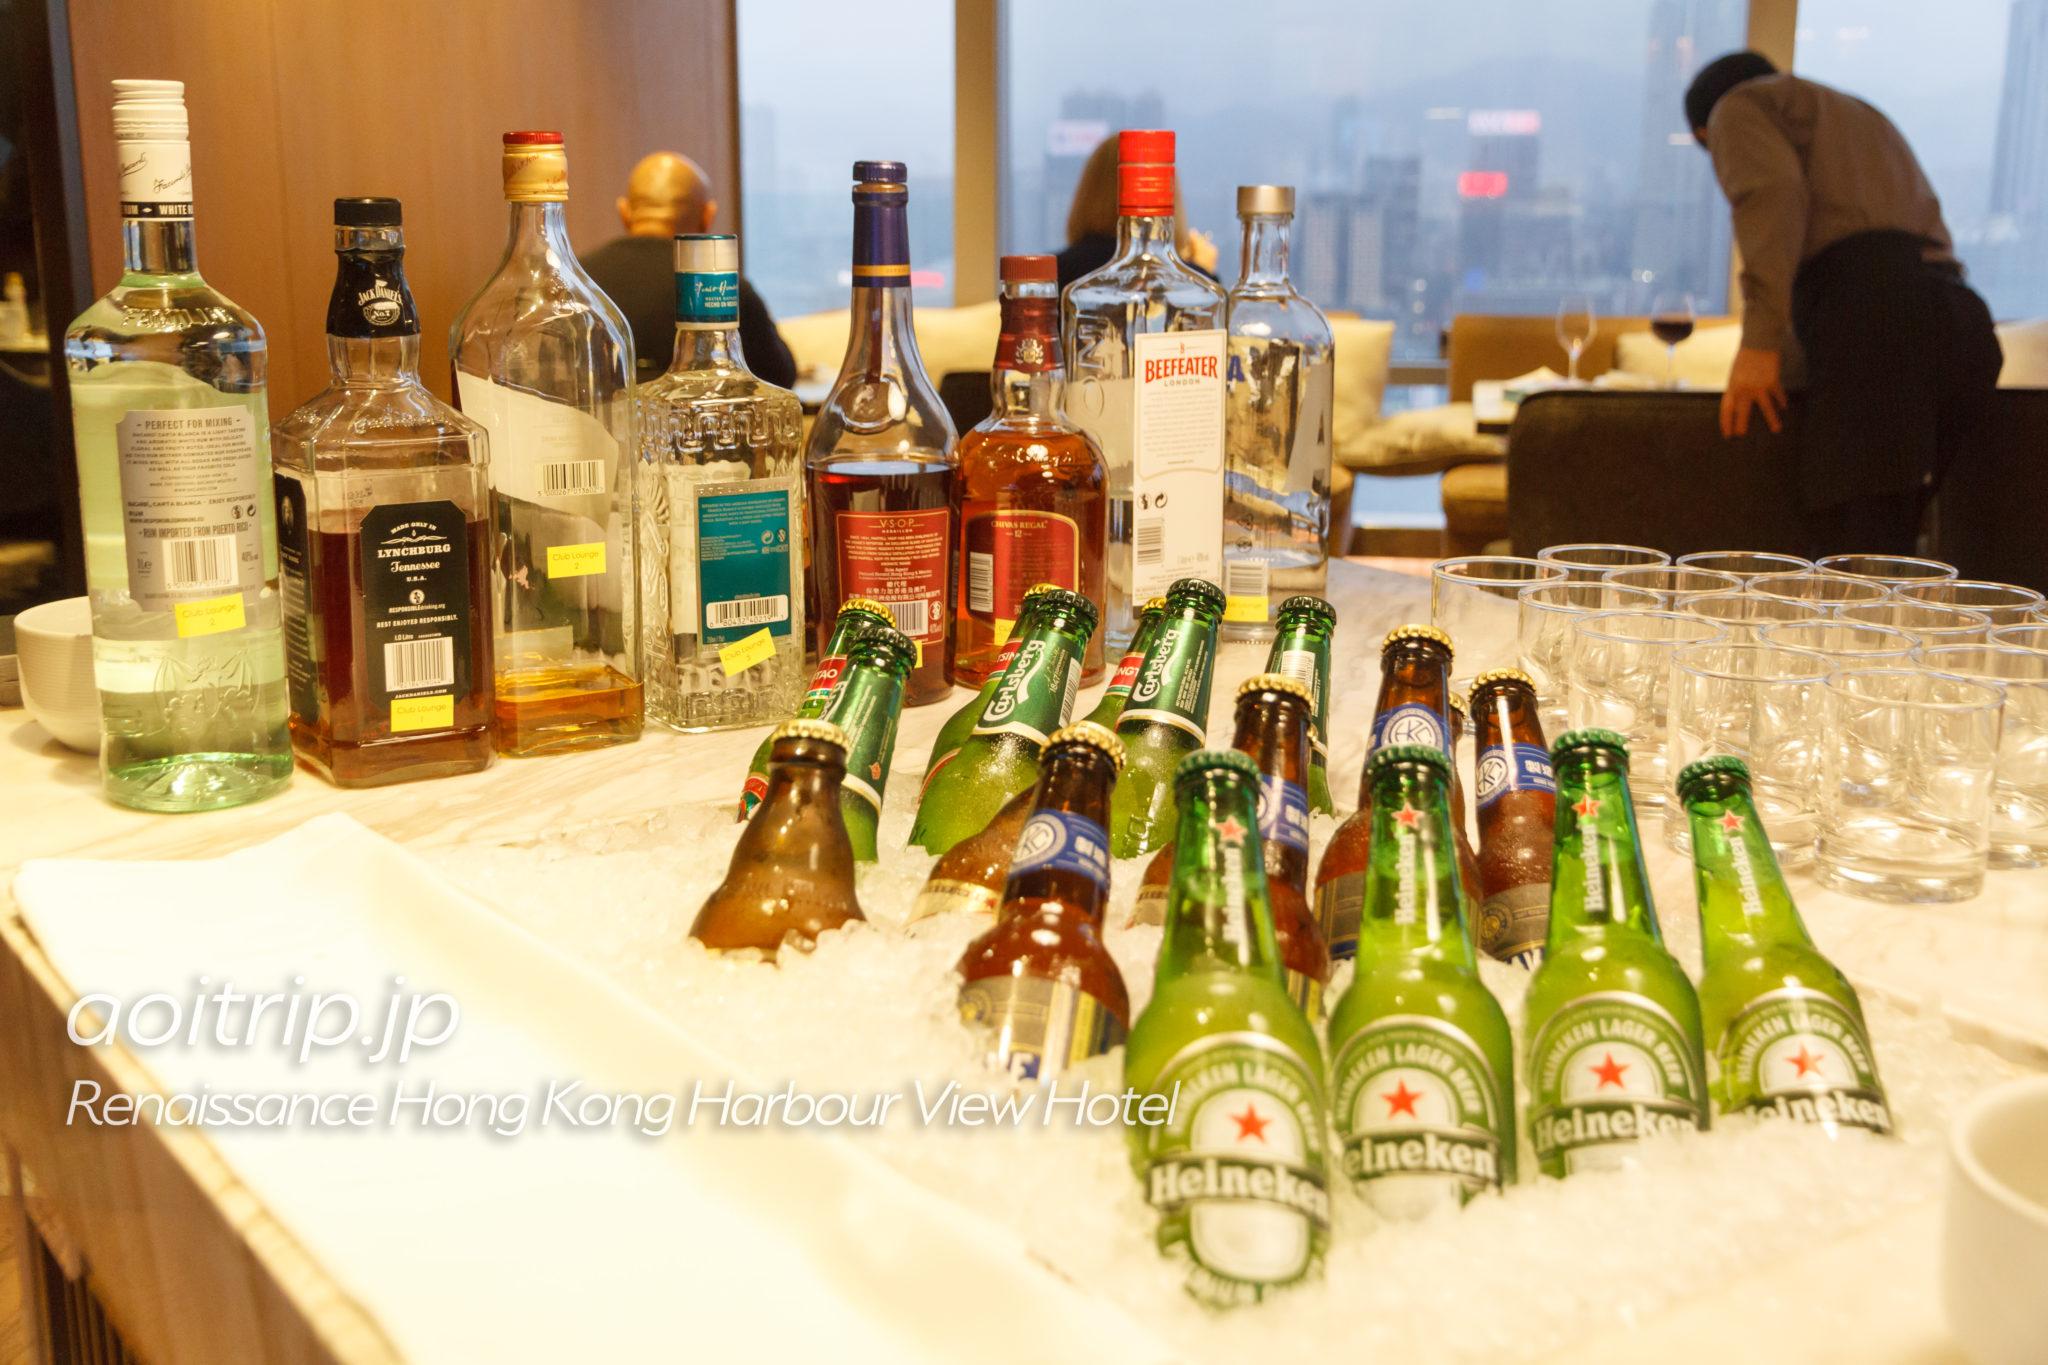 ルネッサンス香港ハーバービューホテルのクラブラウンジのイブニングカクテル